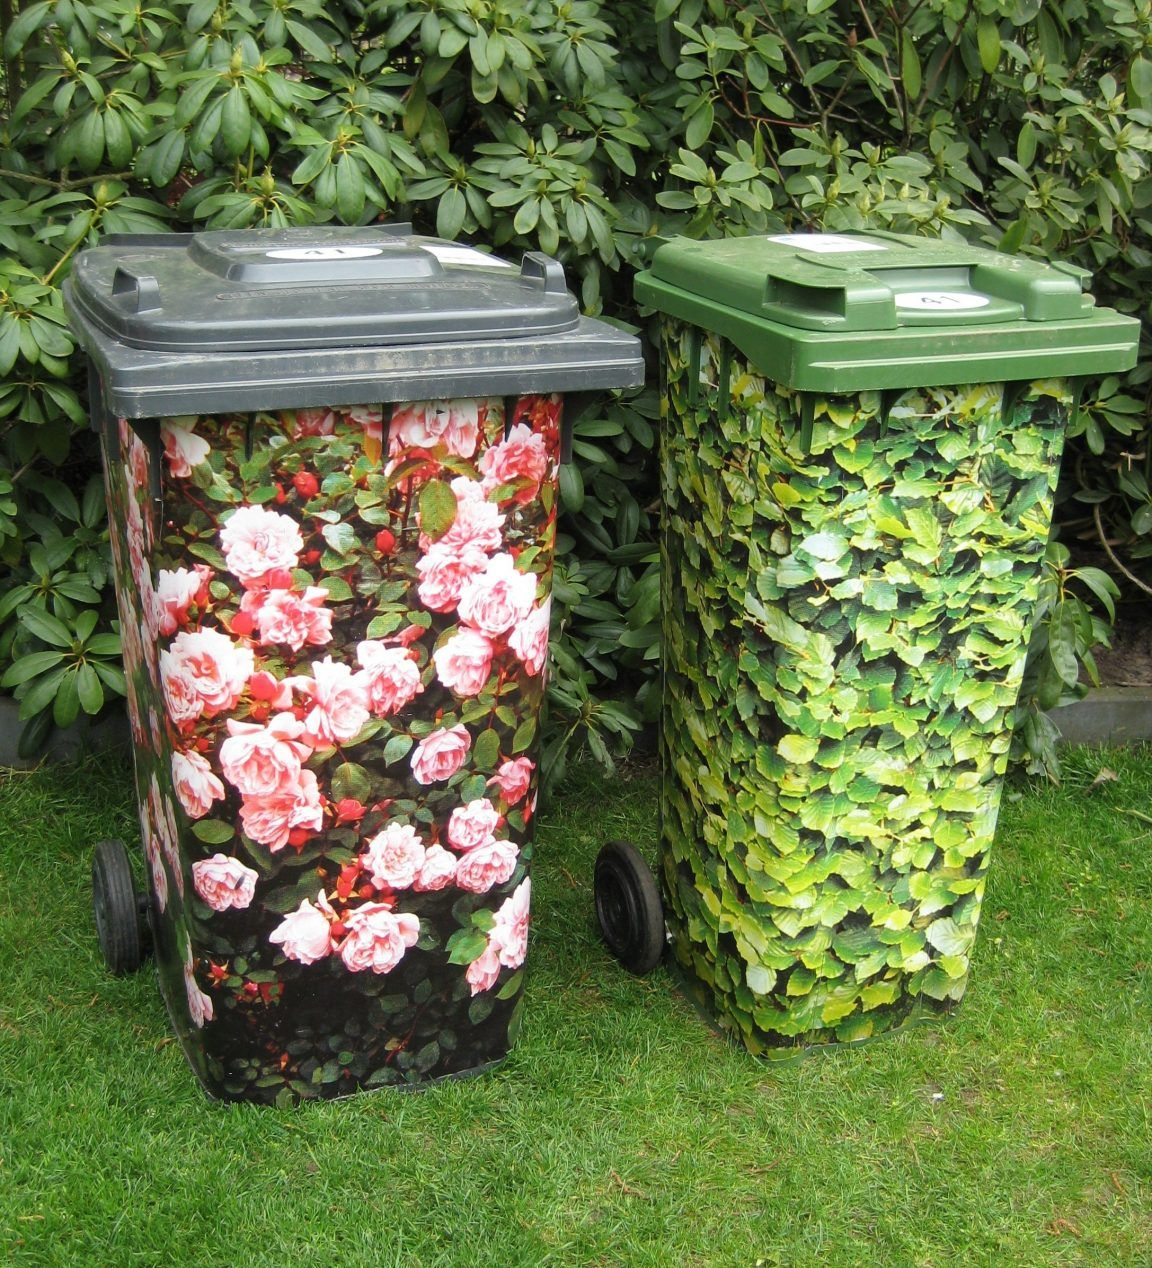 14 idées pour dissimuler les conteneurs poubelle dans votre jardin